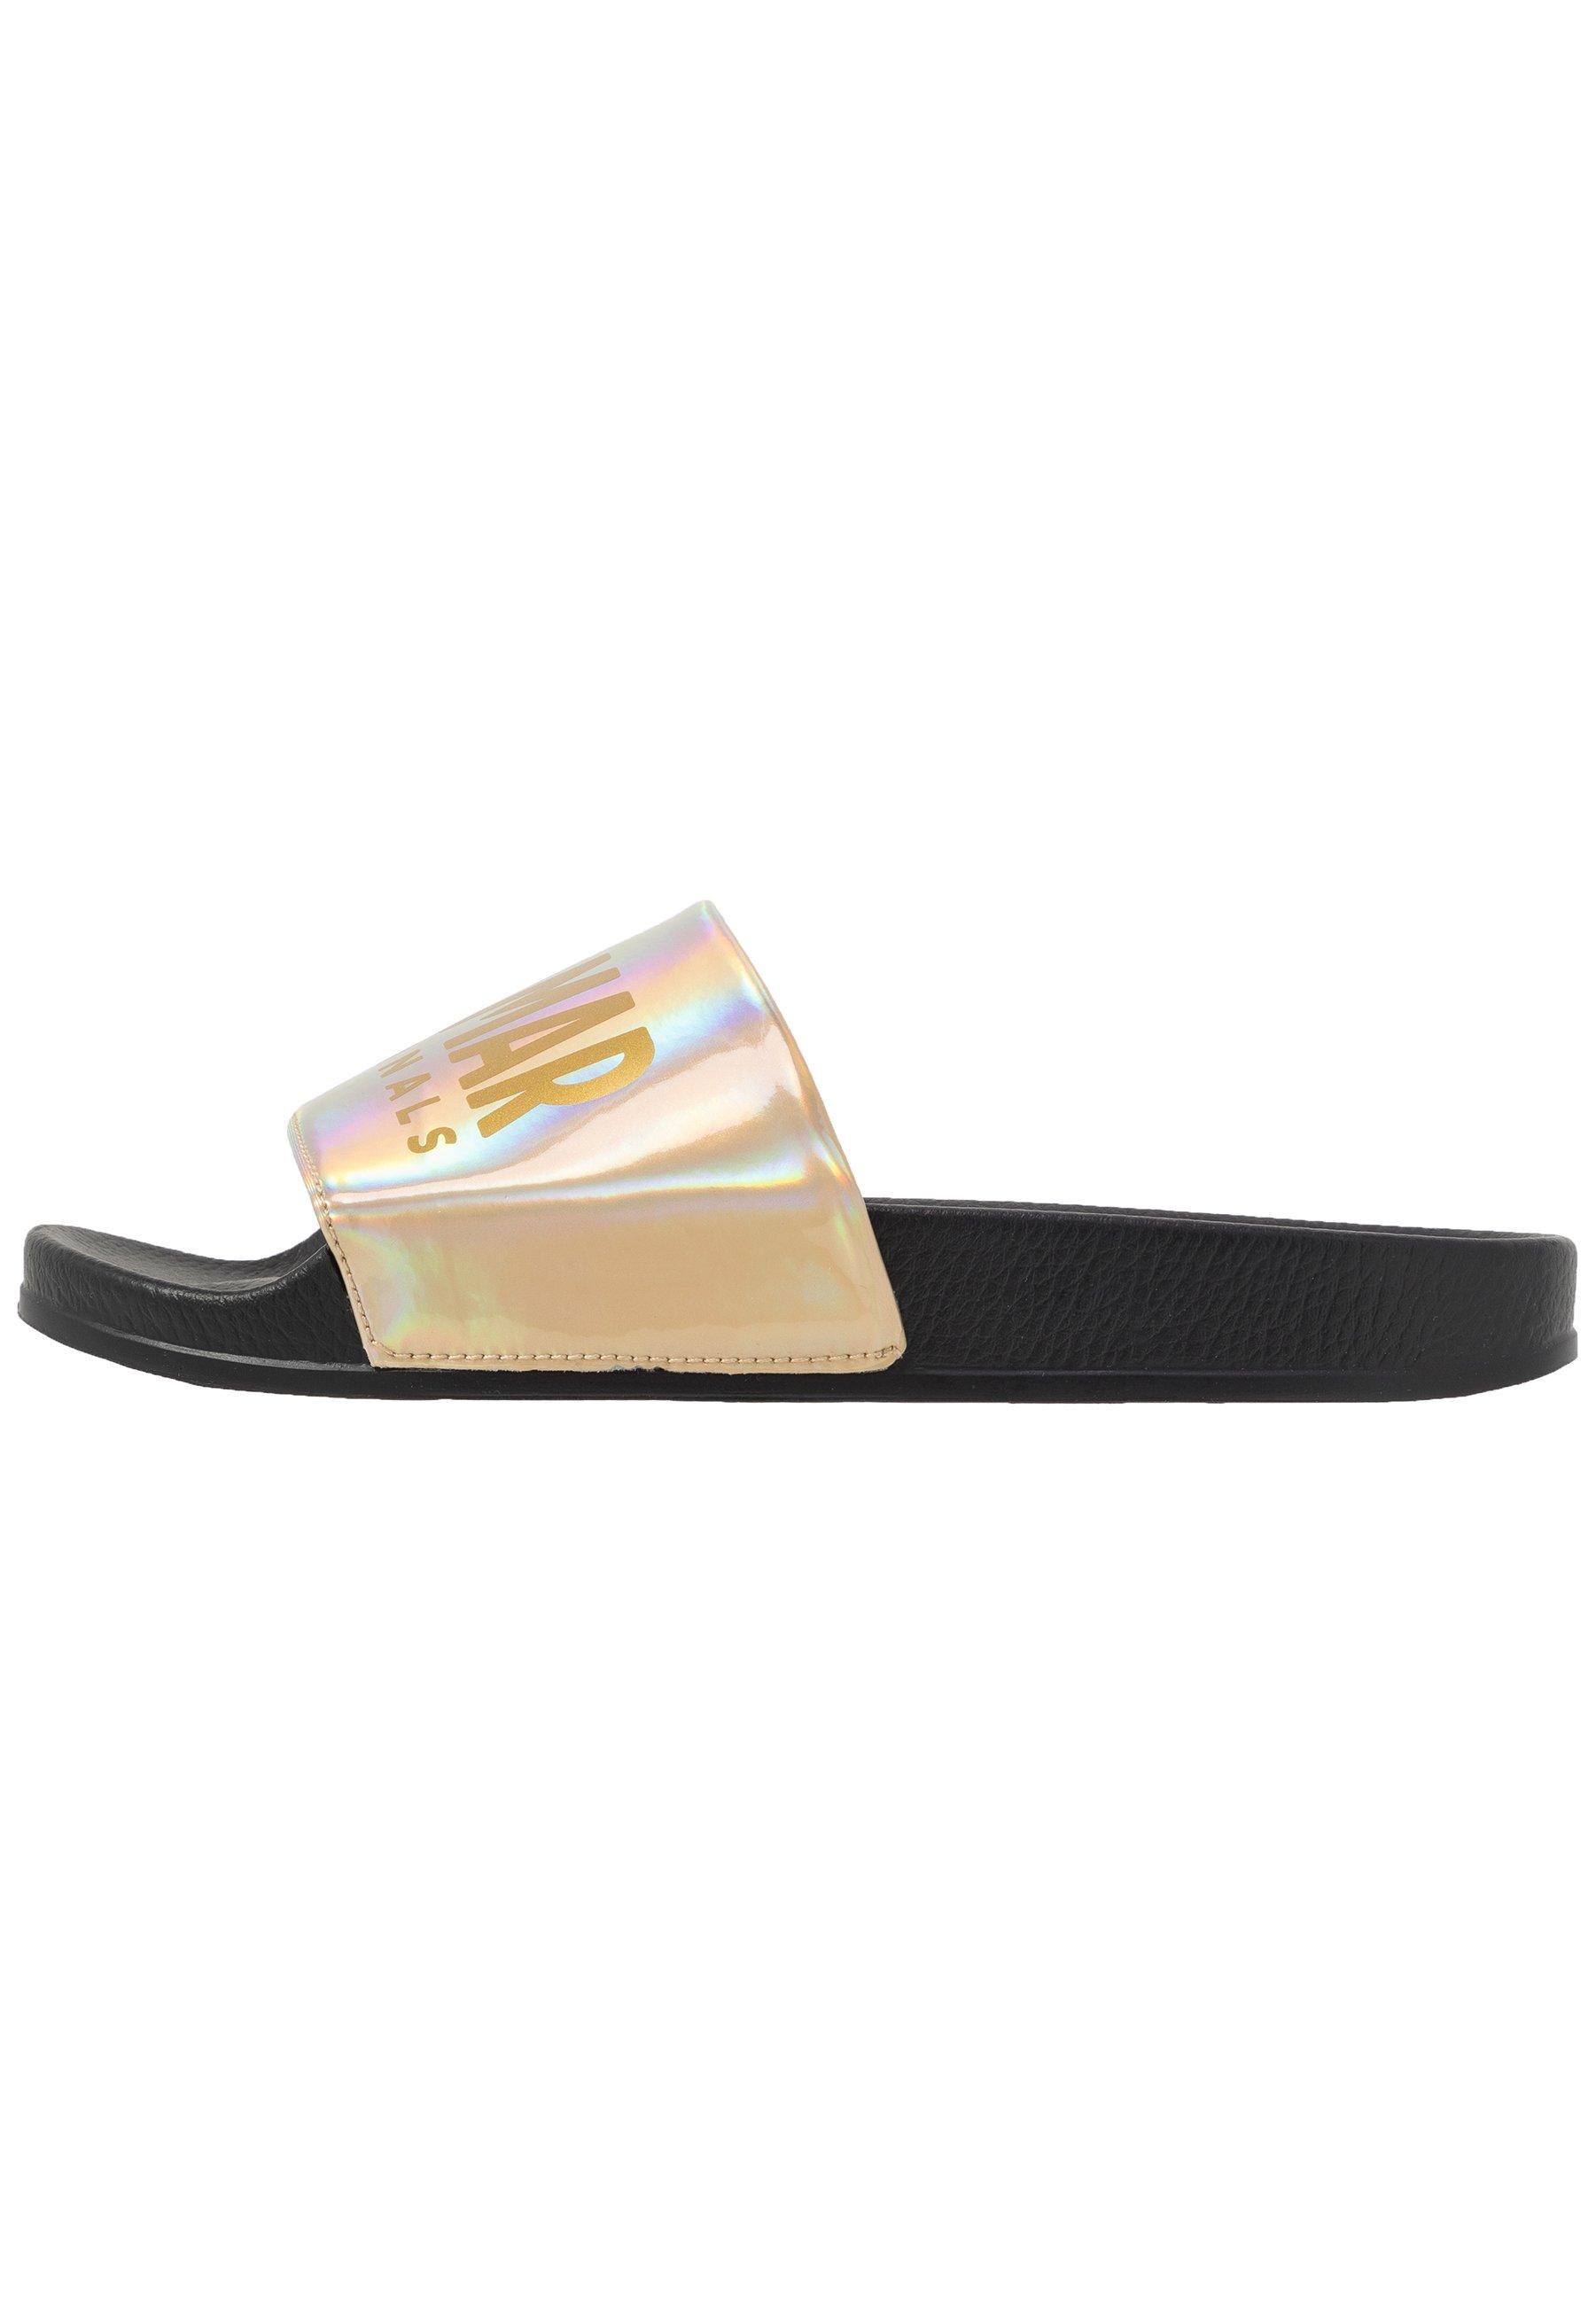 Colmar Originals Slipper - Sandaler Black/gold